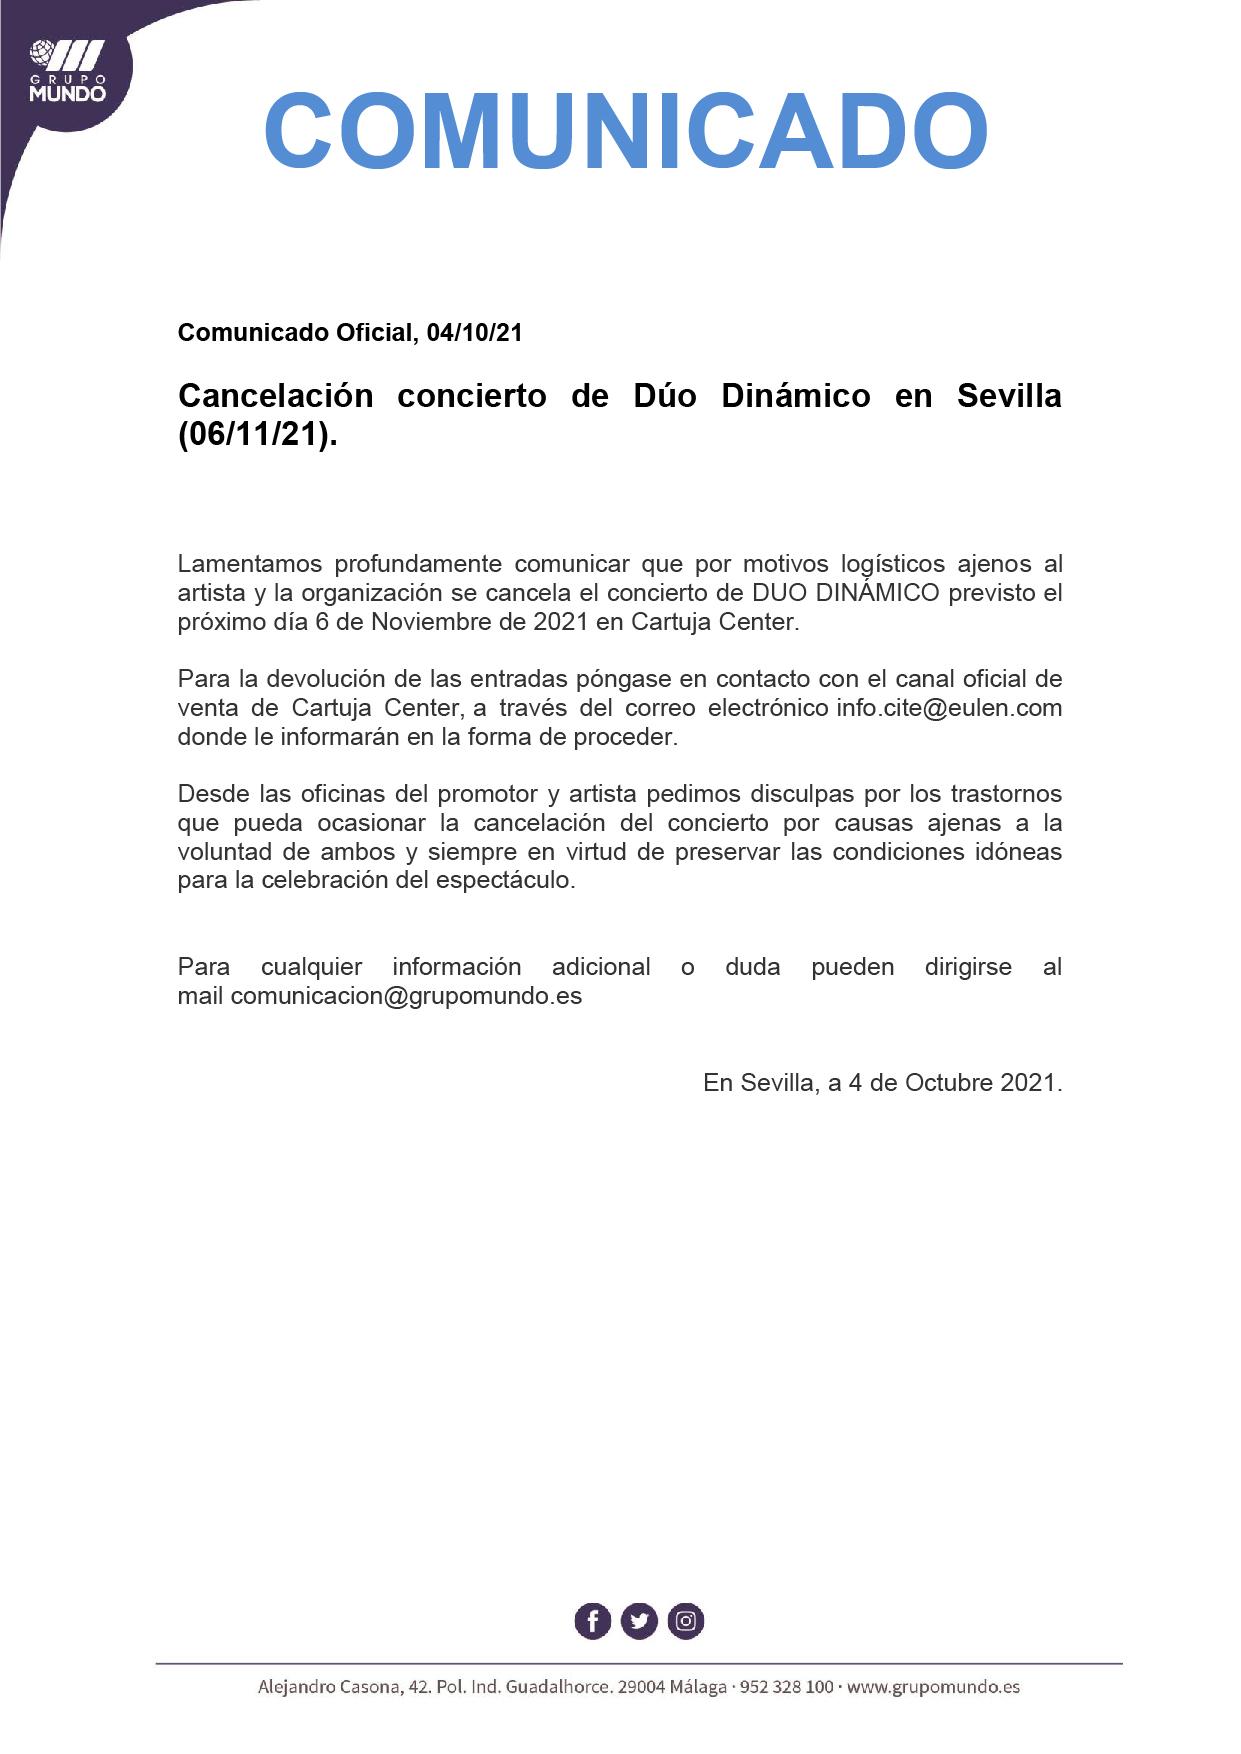 CANCELADO EL CONCIERTO DEL DÚO DINÁMICO 2